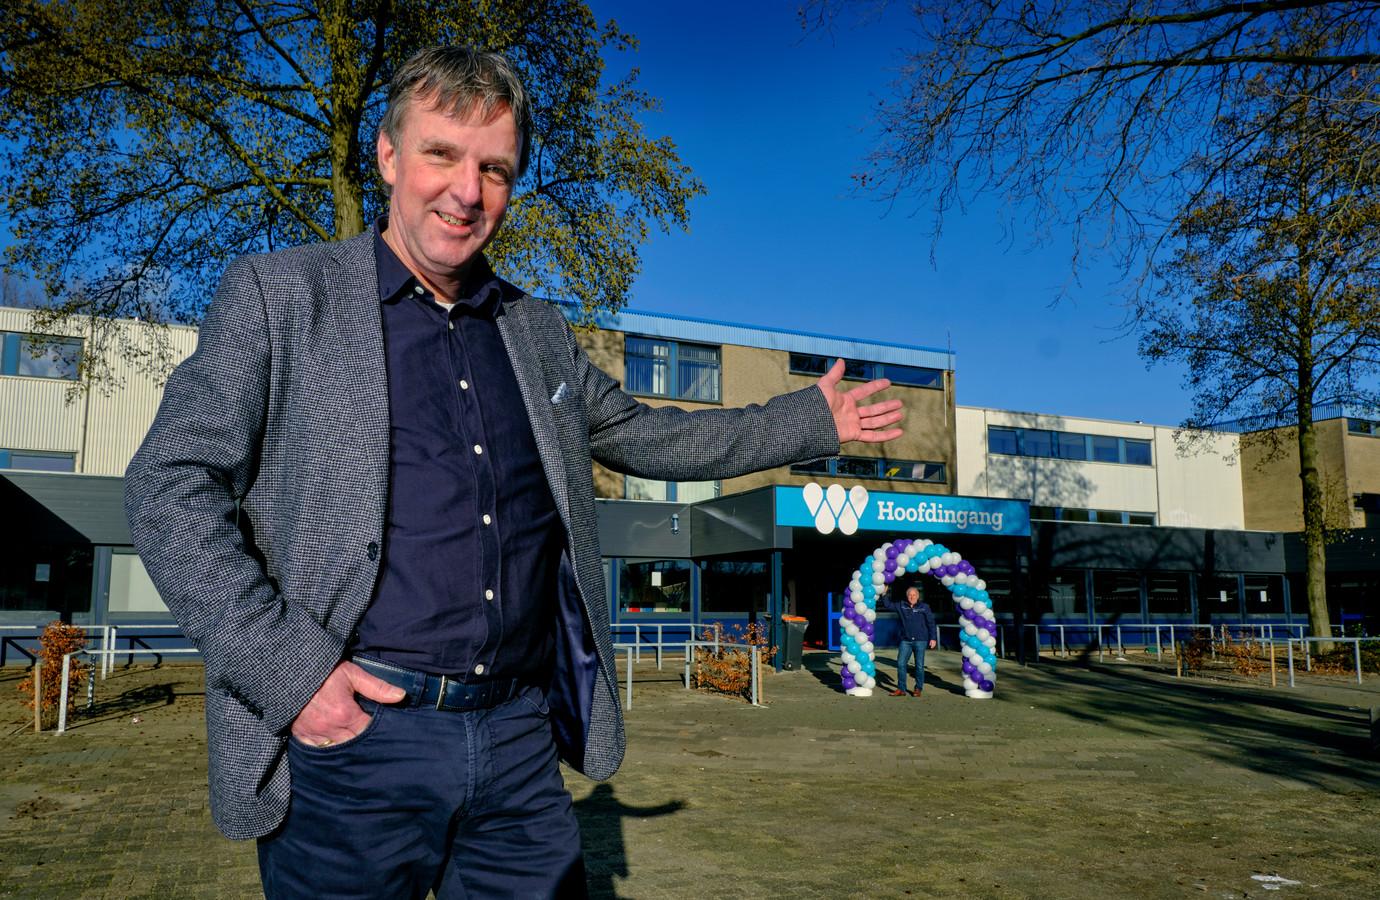 Schooldirecteur Aat van Genderen kijkt uit naar het ontvangst van de leerlingen van het Willem de Zwijger College.